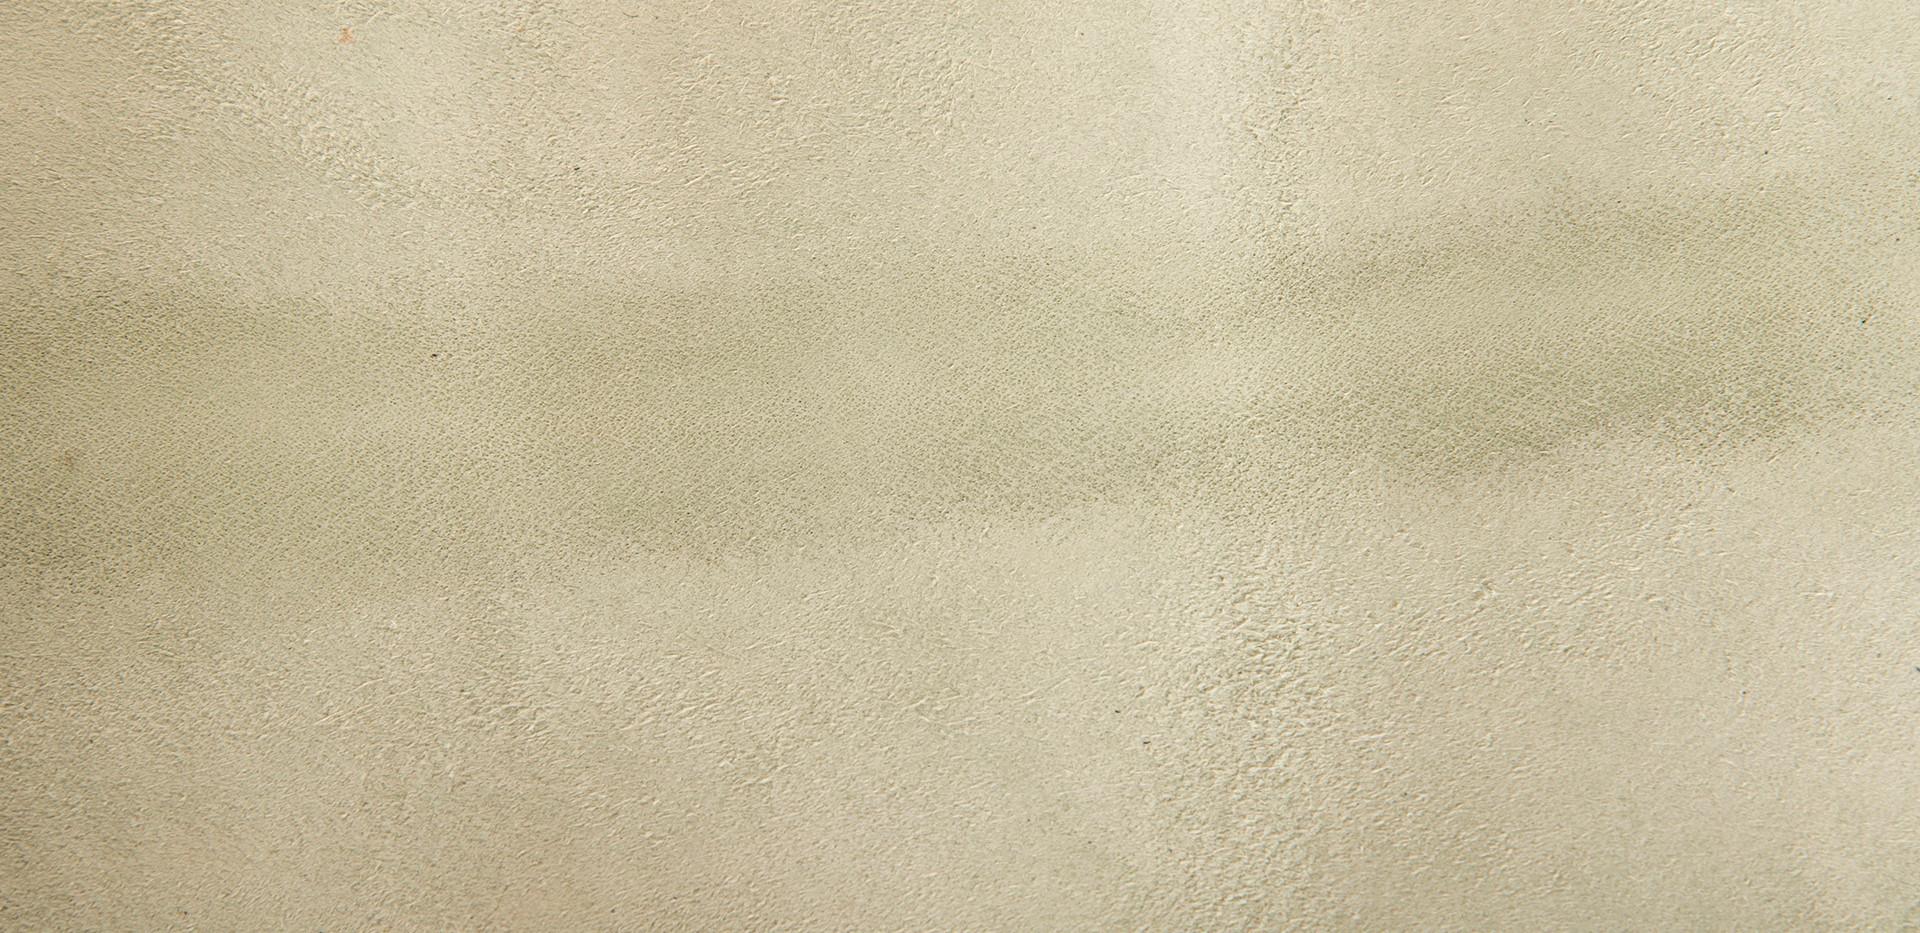 Cuckoo Eggshell grainside detail 2